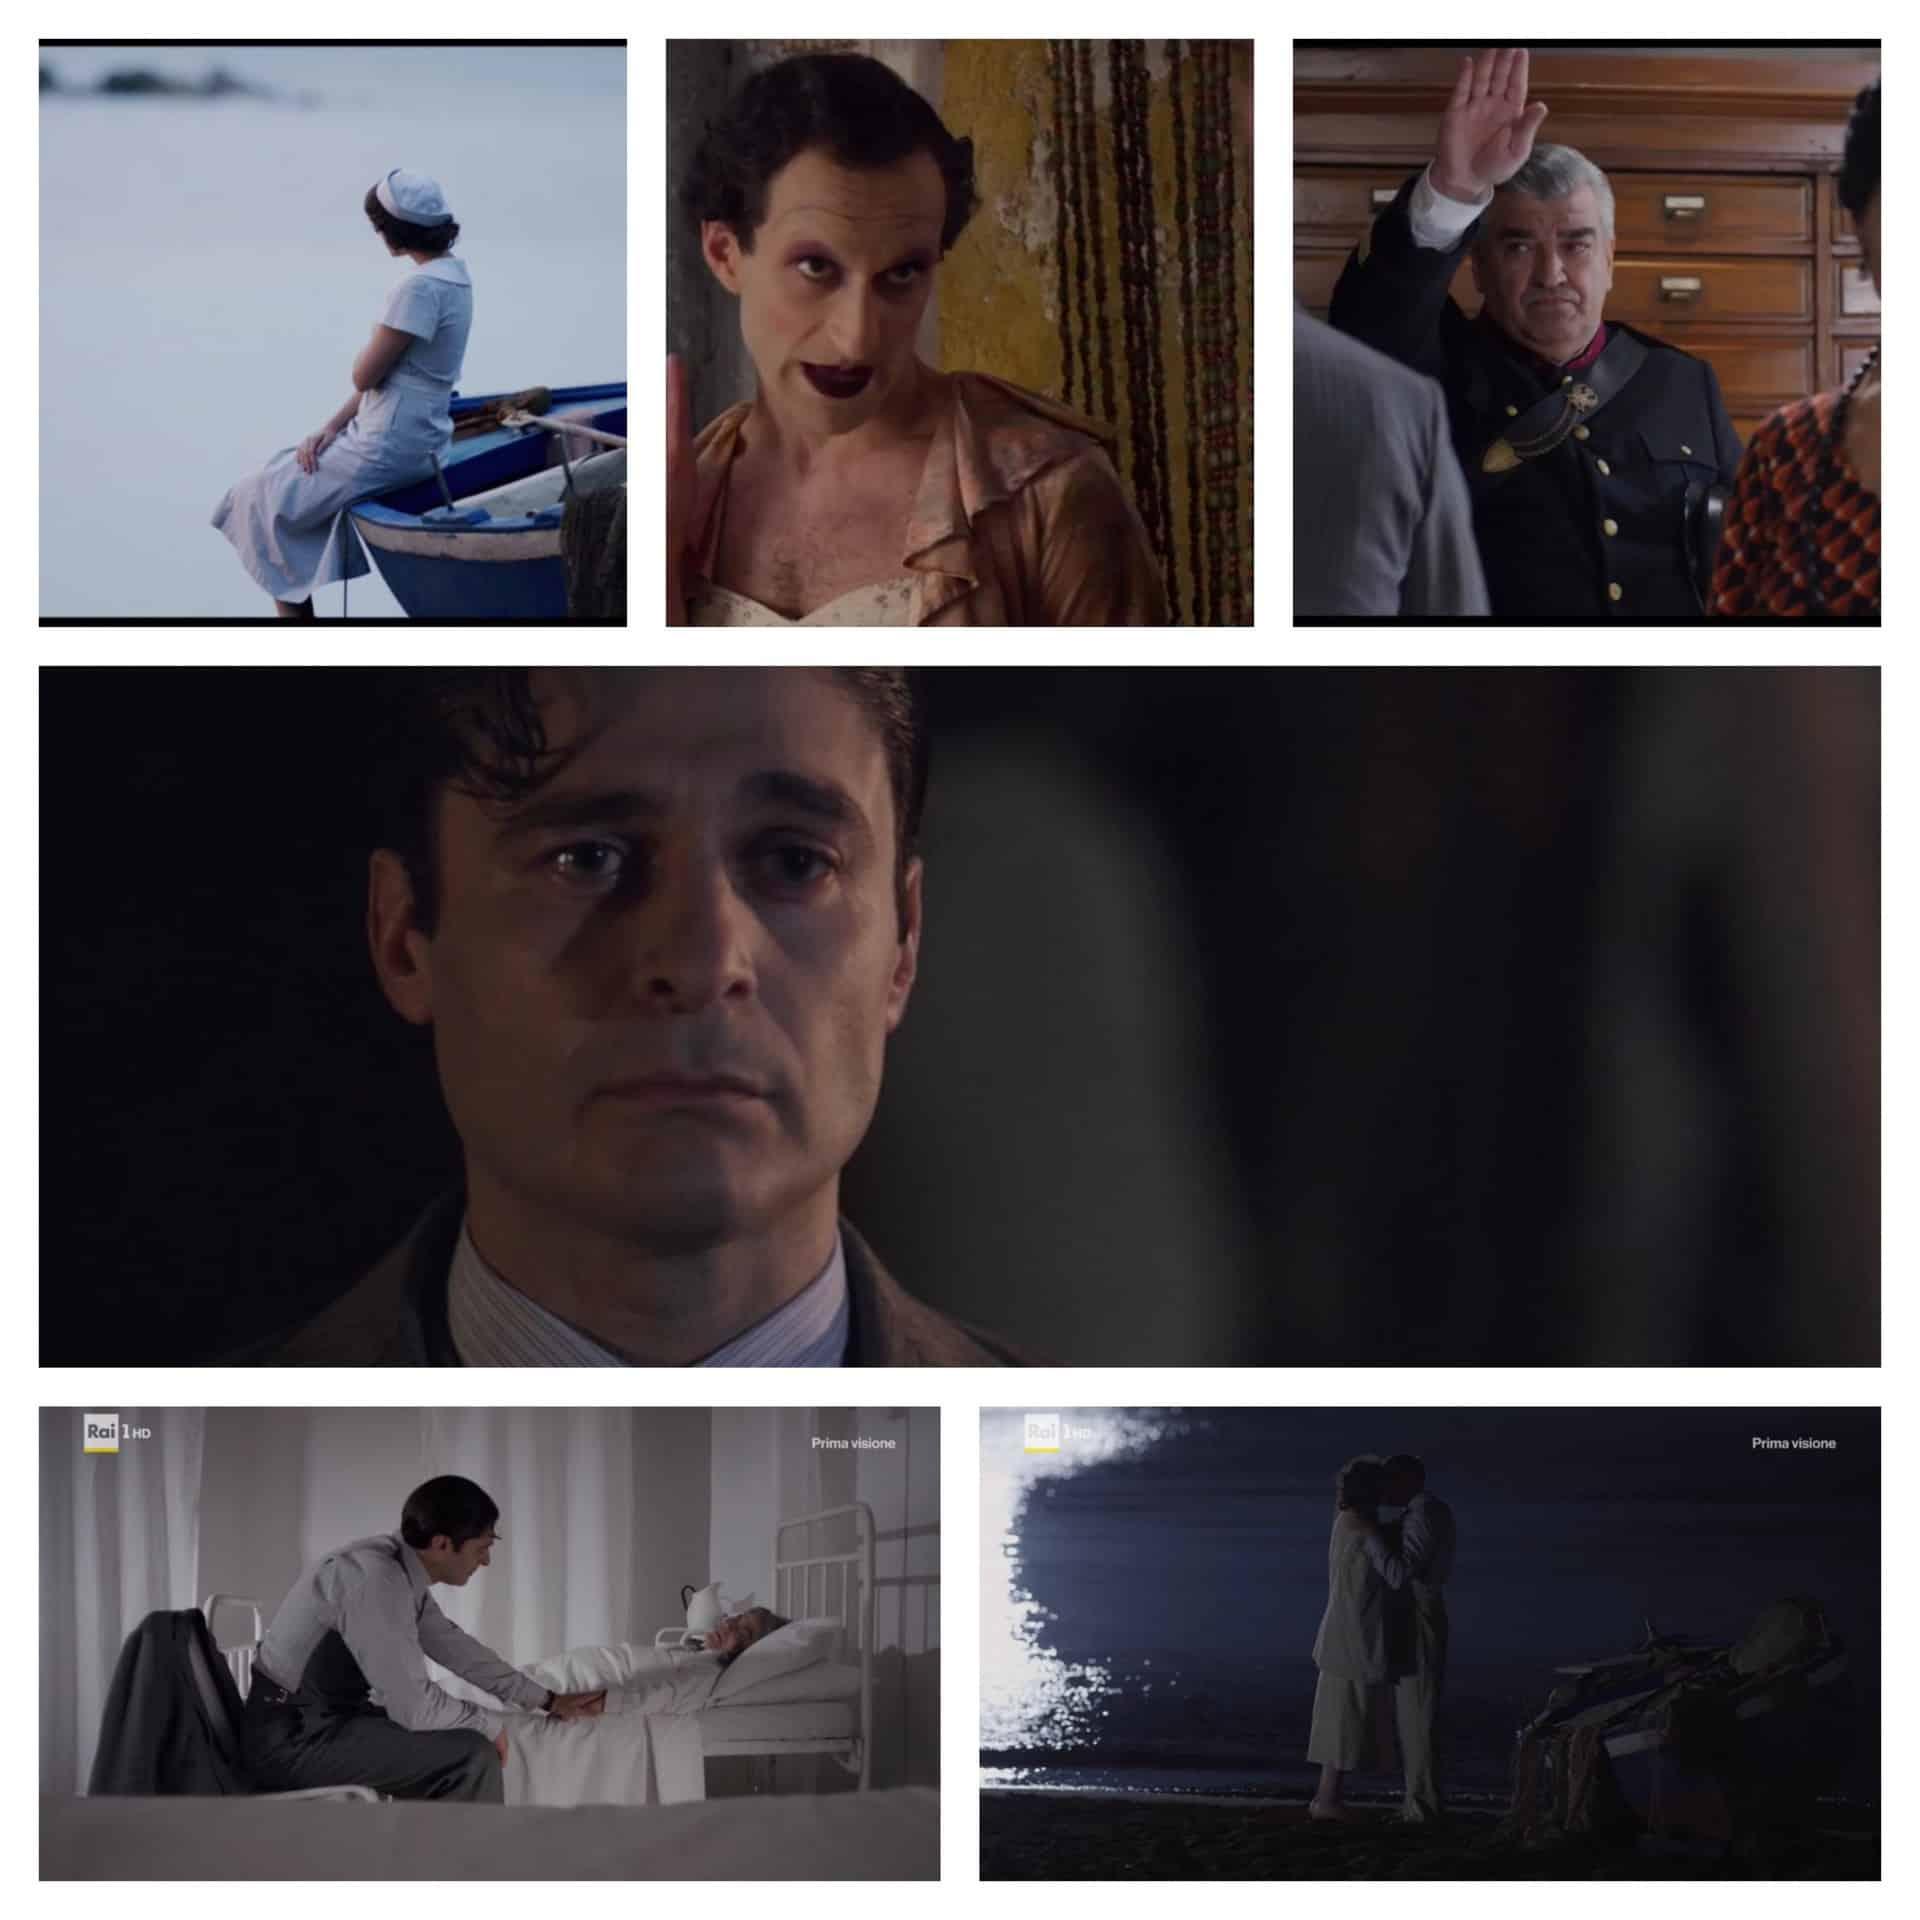 Il commissario Ricciardi ultima puntata: doppio dolore per Luigi Alfredo, Livia in lacrime